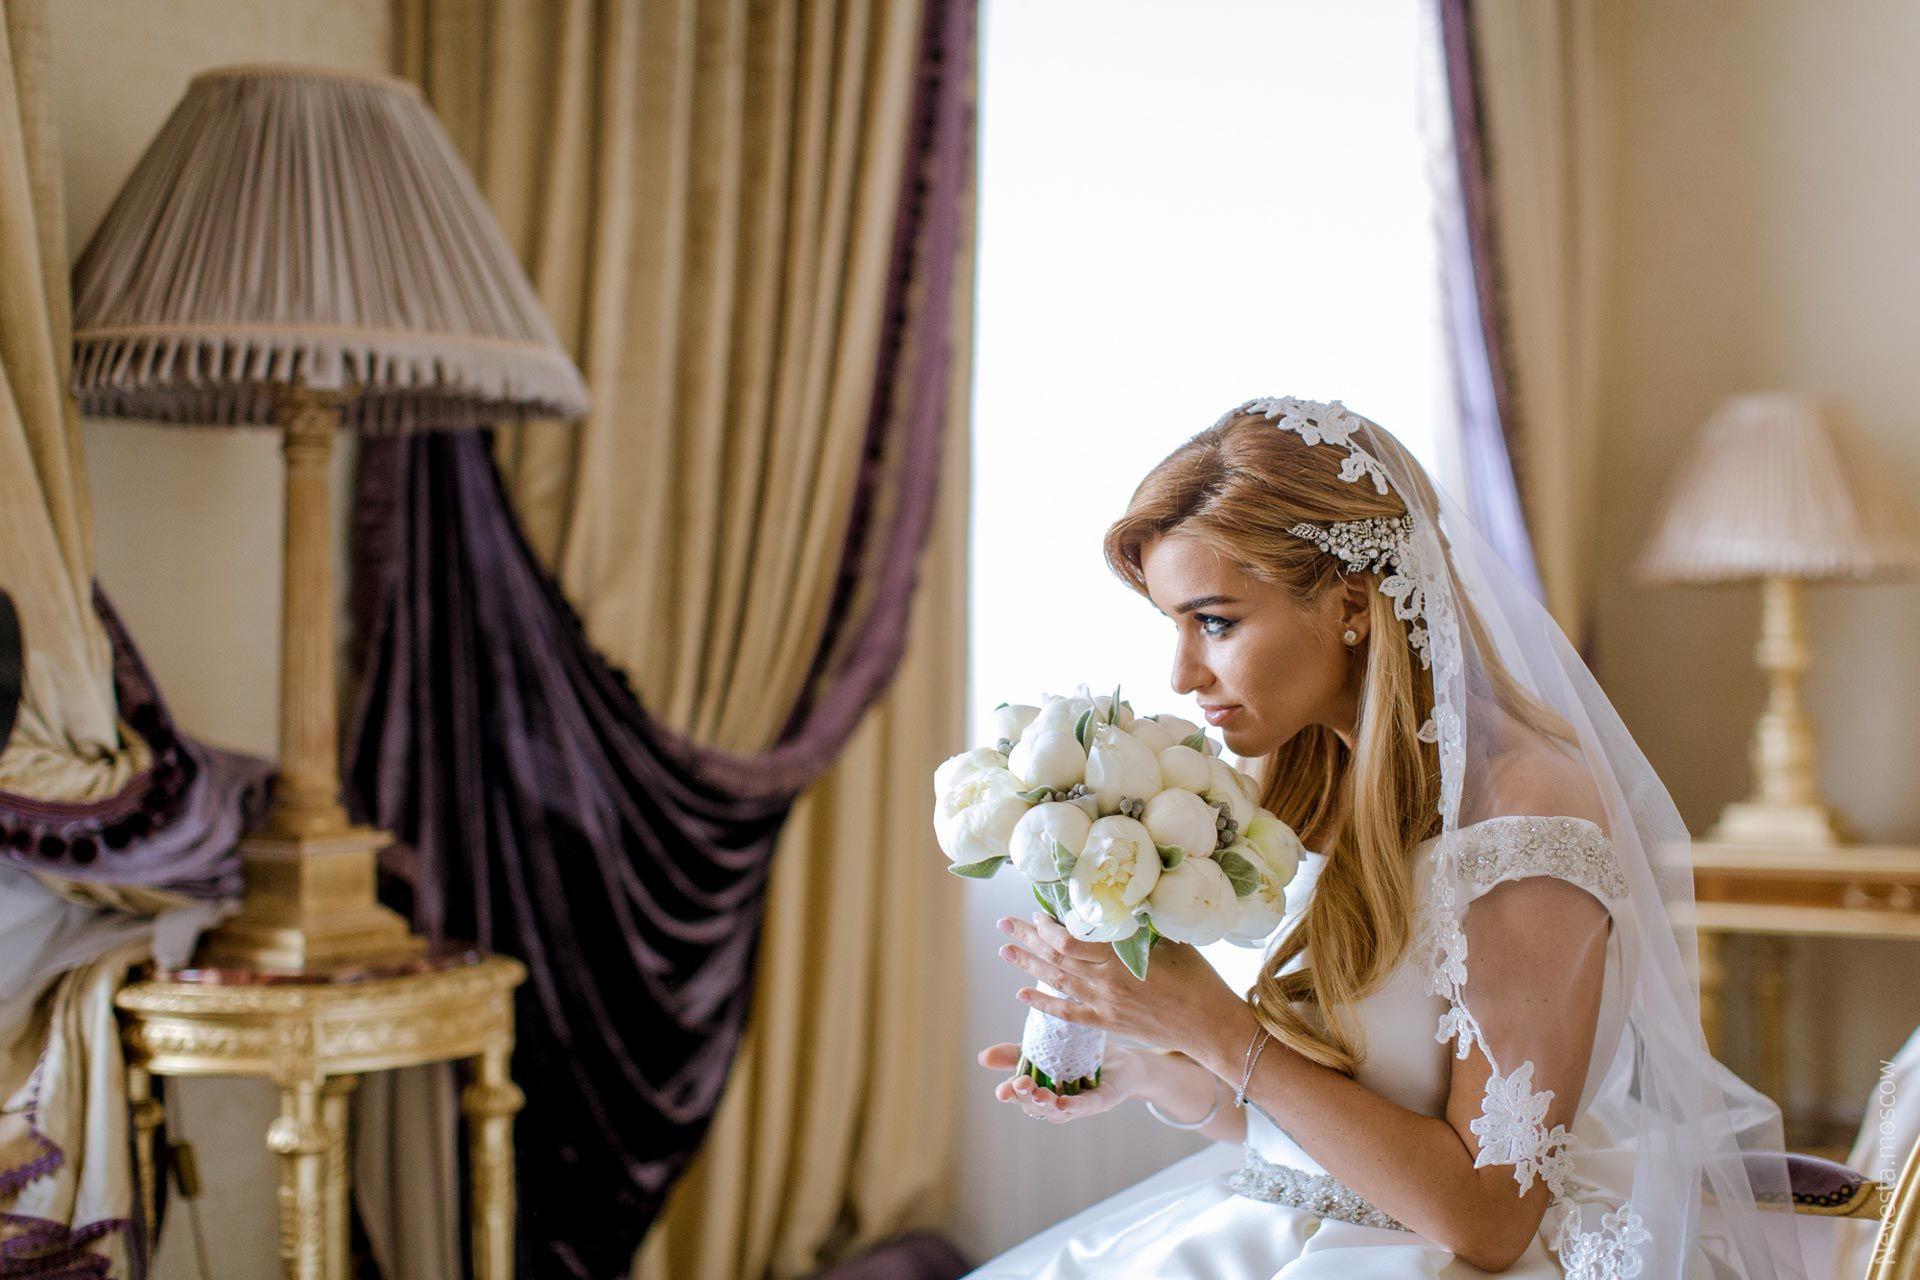 наручные часы фото ксении бородиной свадебные если хотите быть